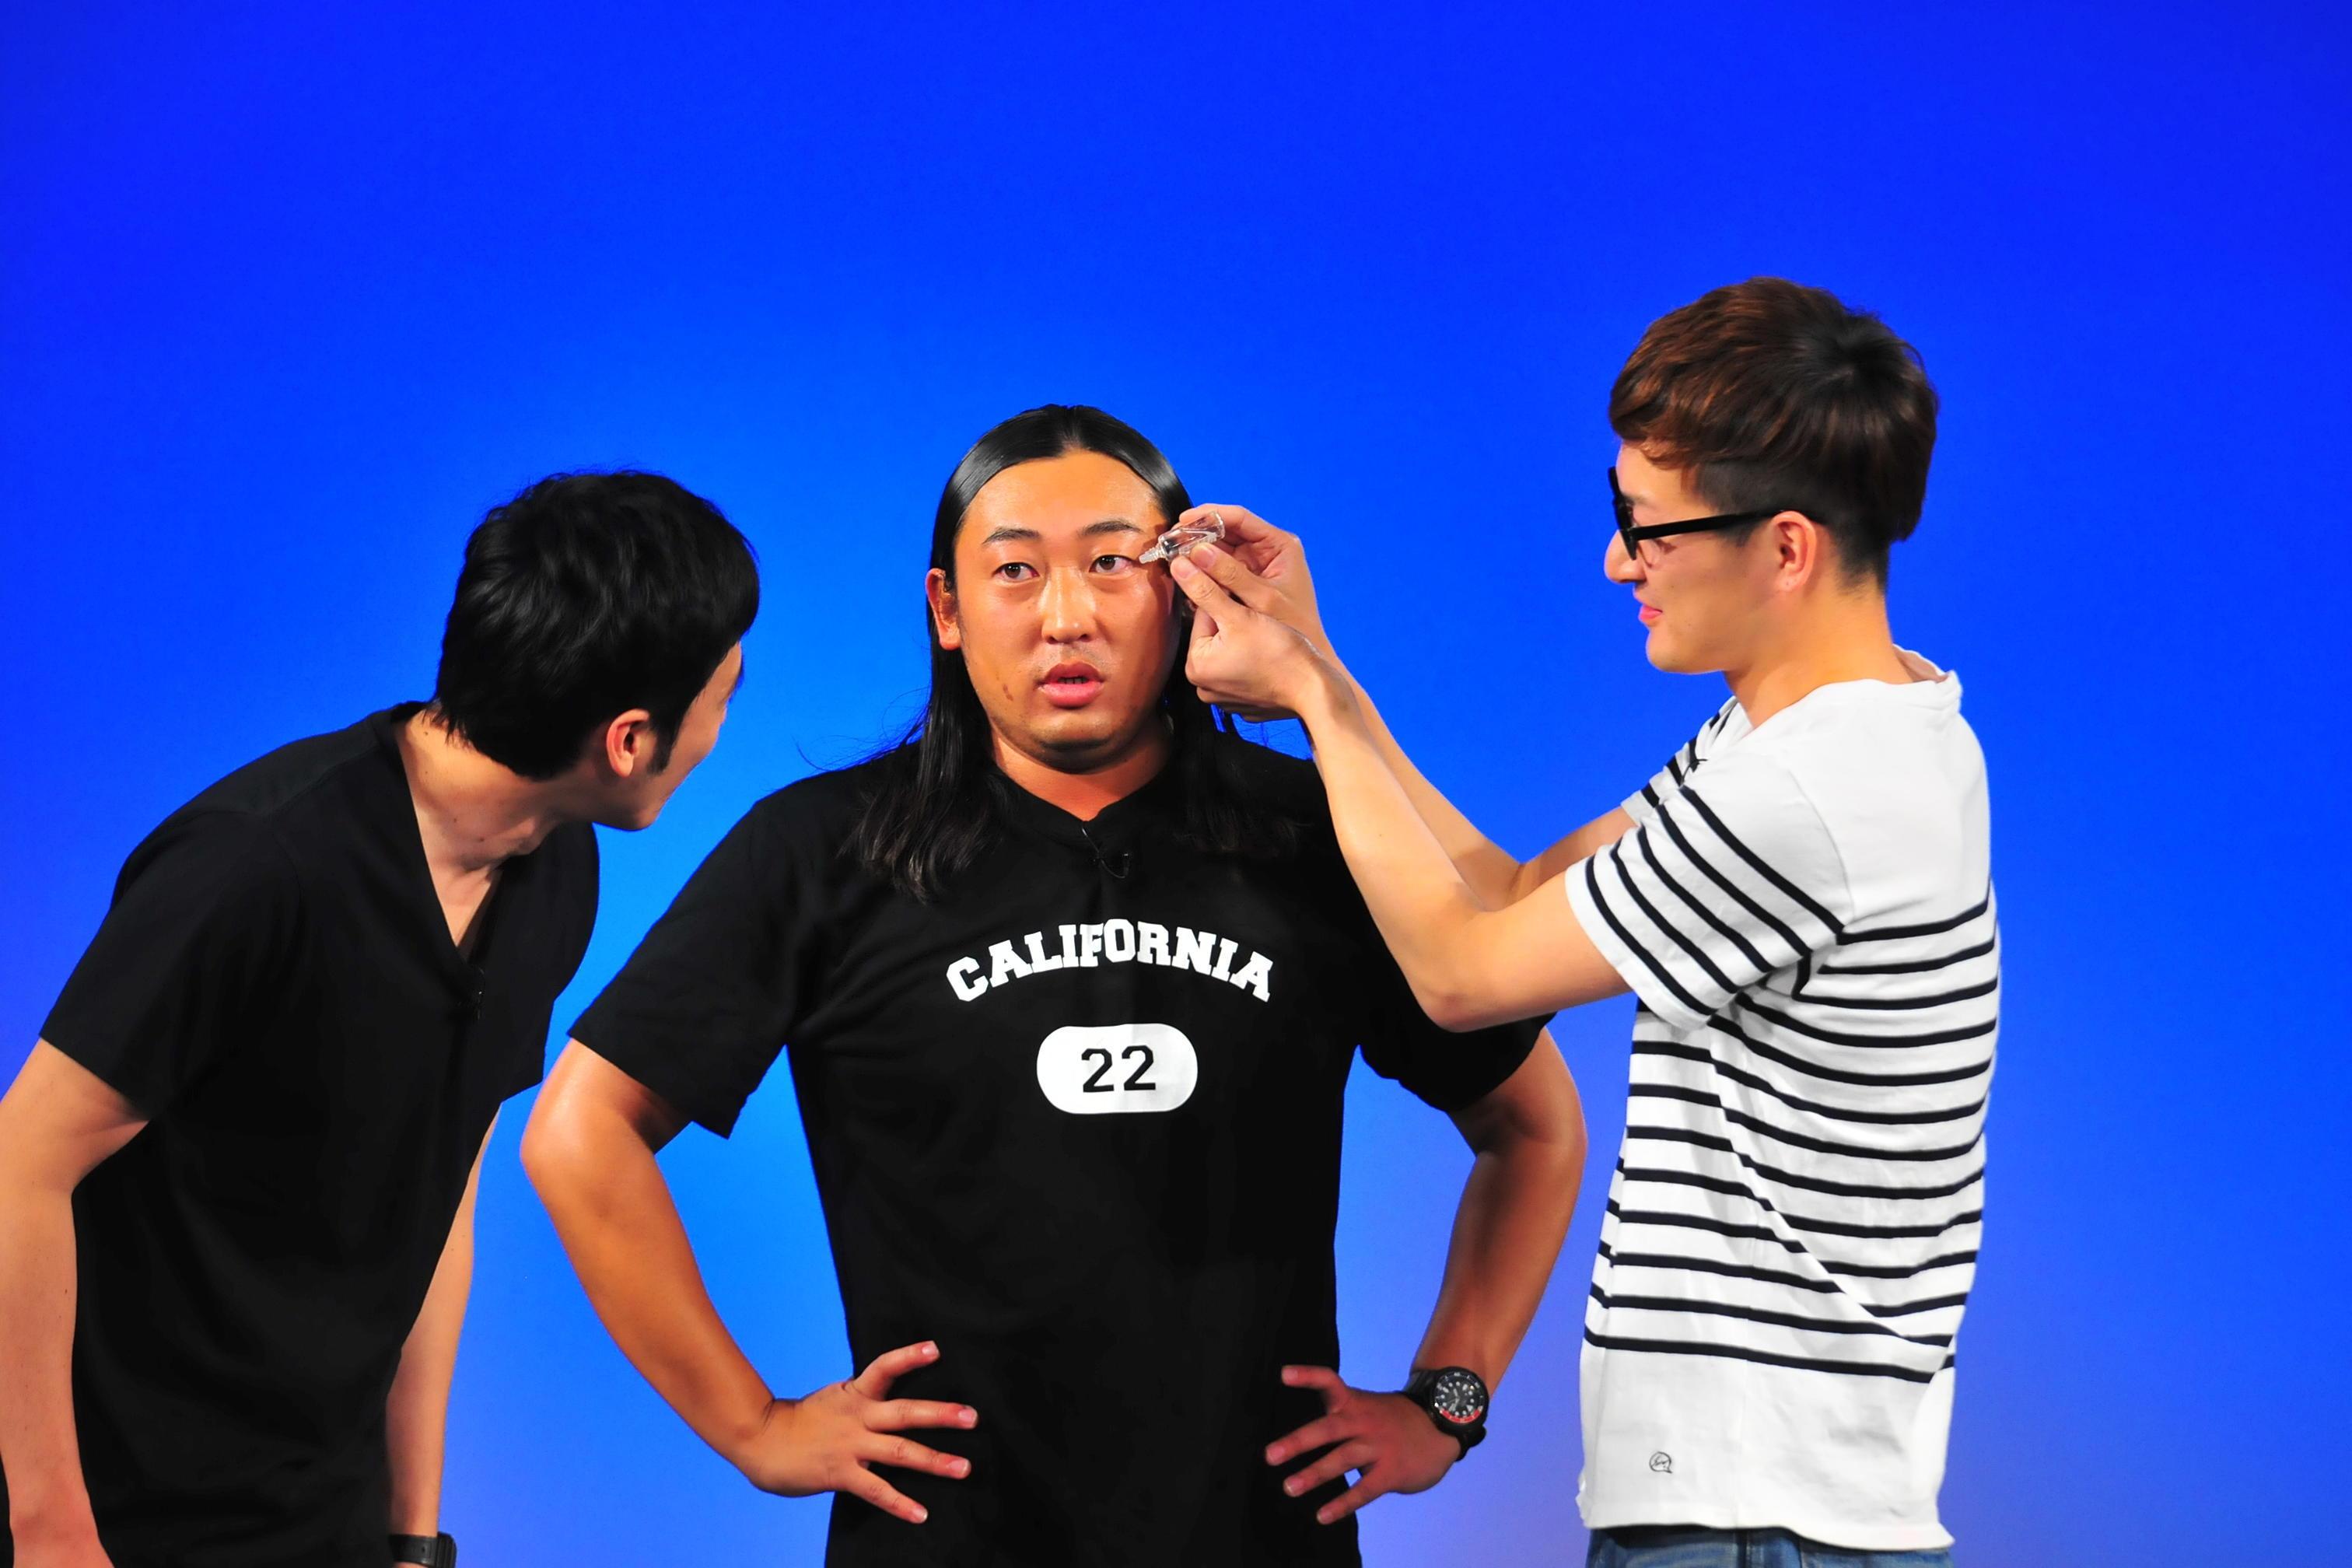 http://news.yoshimoto.co.jp/20160425154122-eca426fe034d7e42dc48c38bc44c410cfba8d3a3.jpg